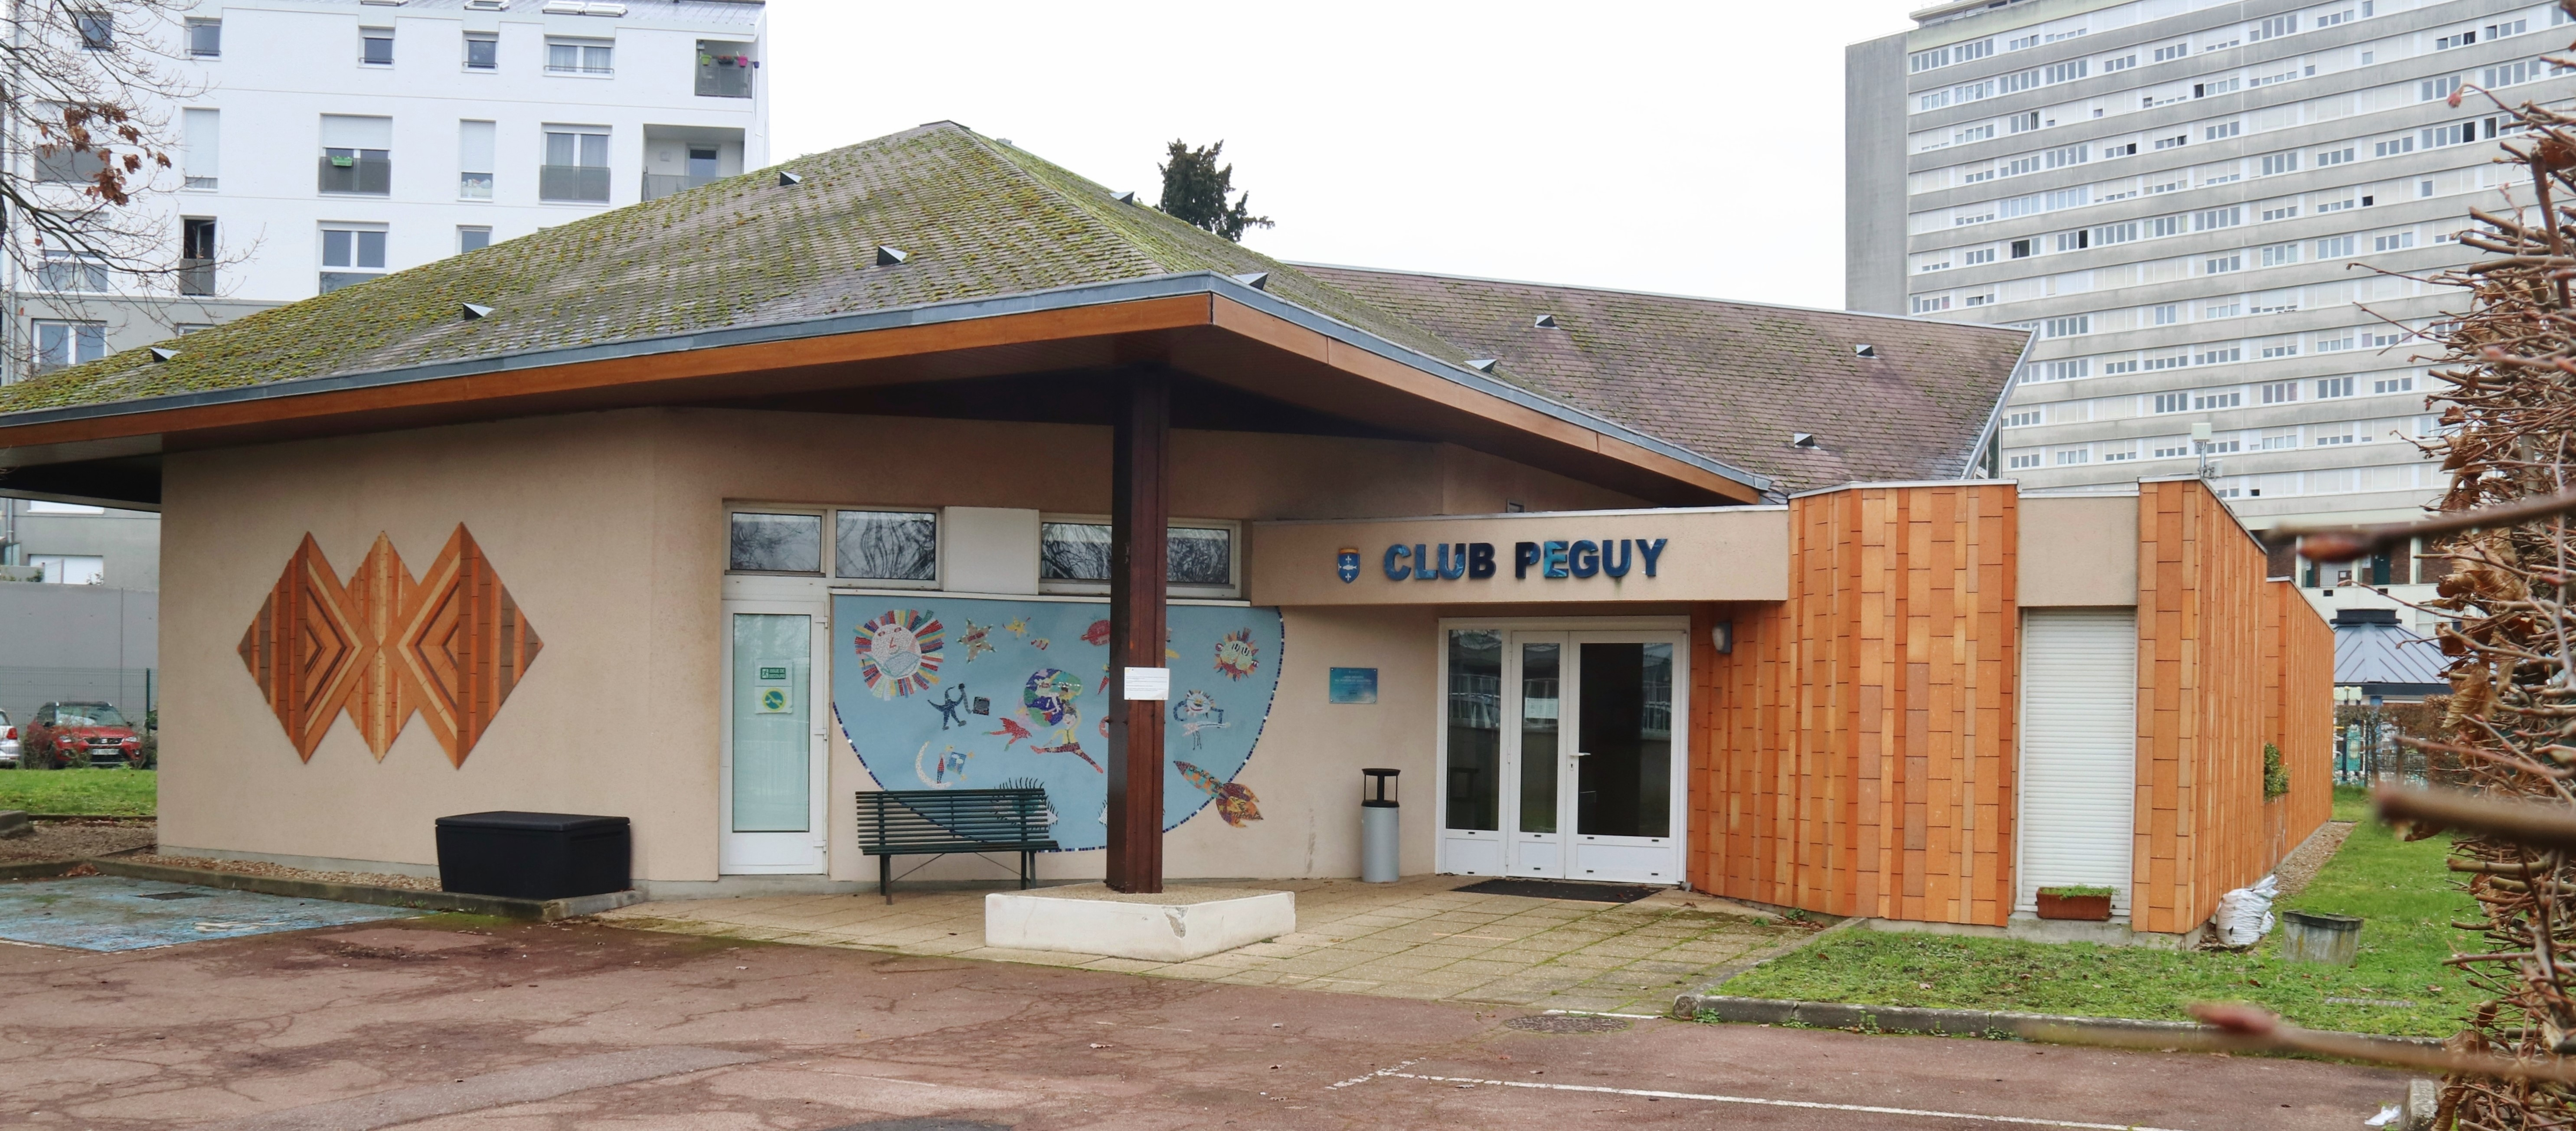 Club Peguy